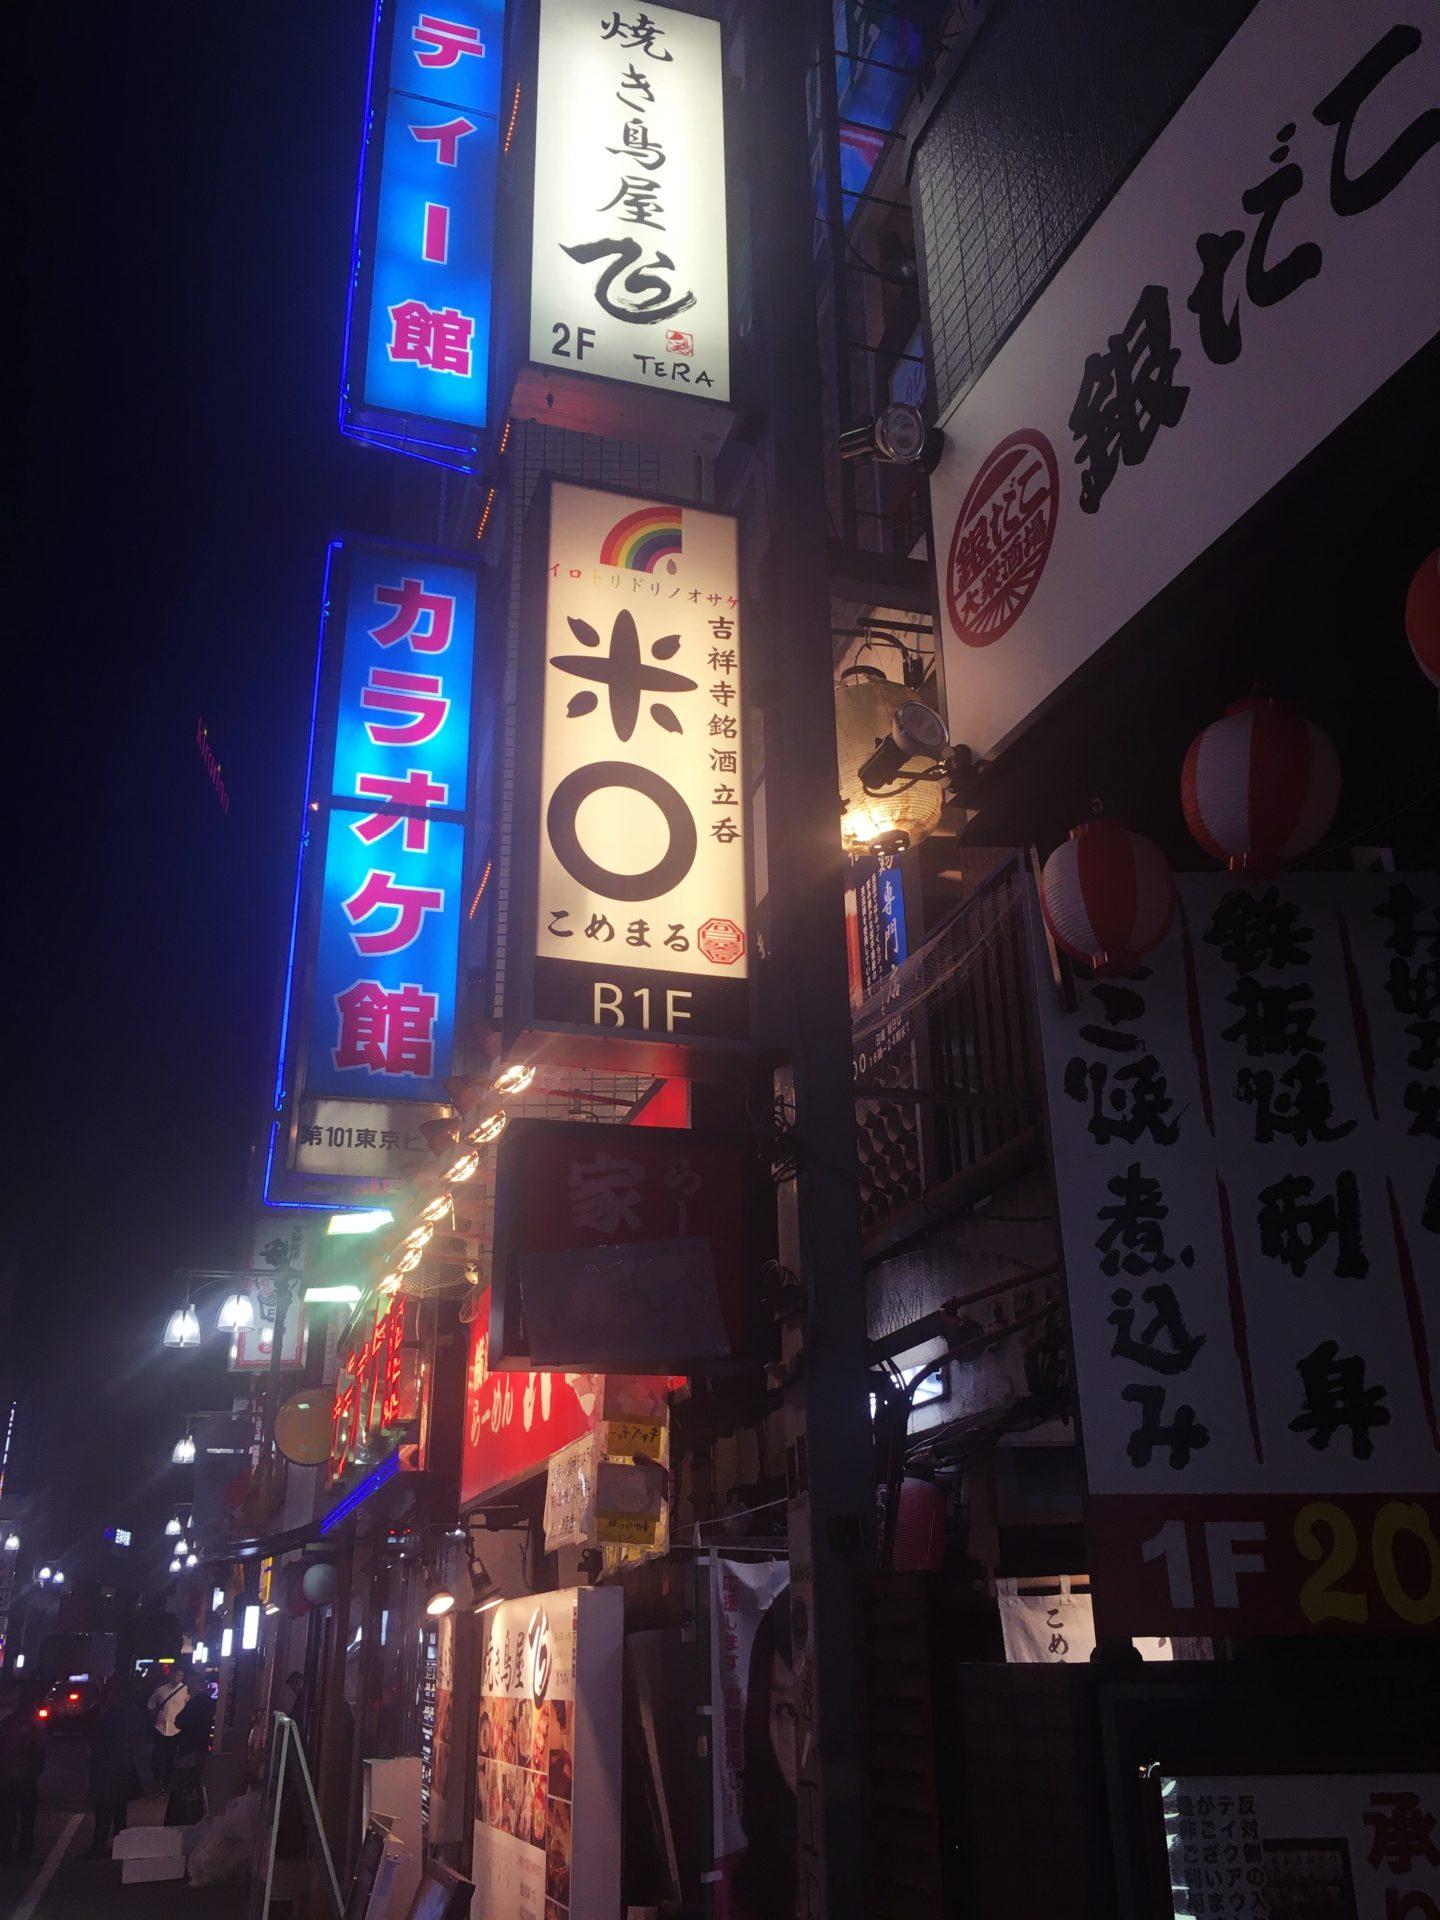 日本, 一時帰国, 吉祥寺, 日本酒